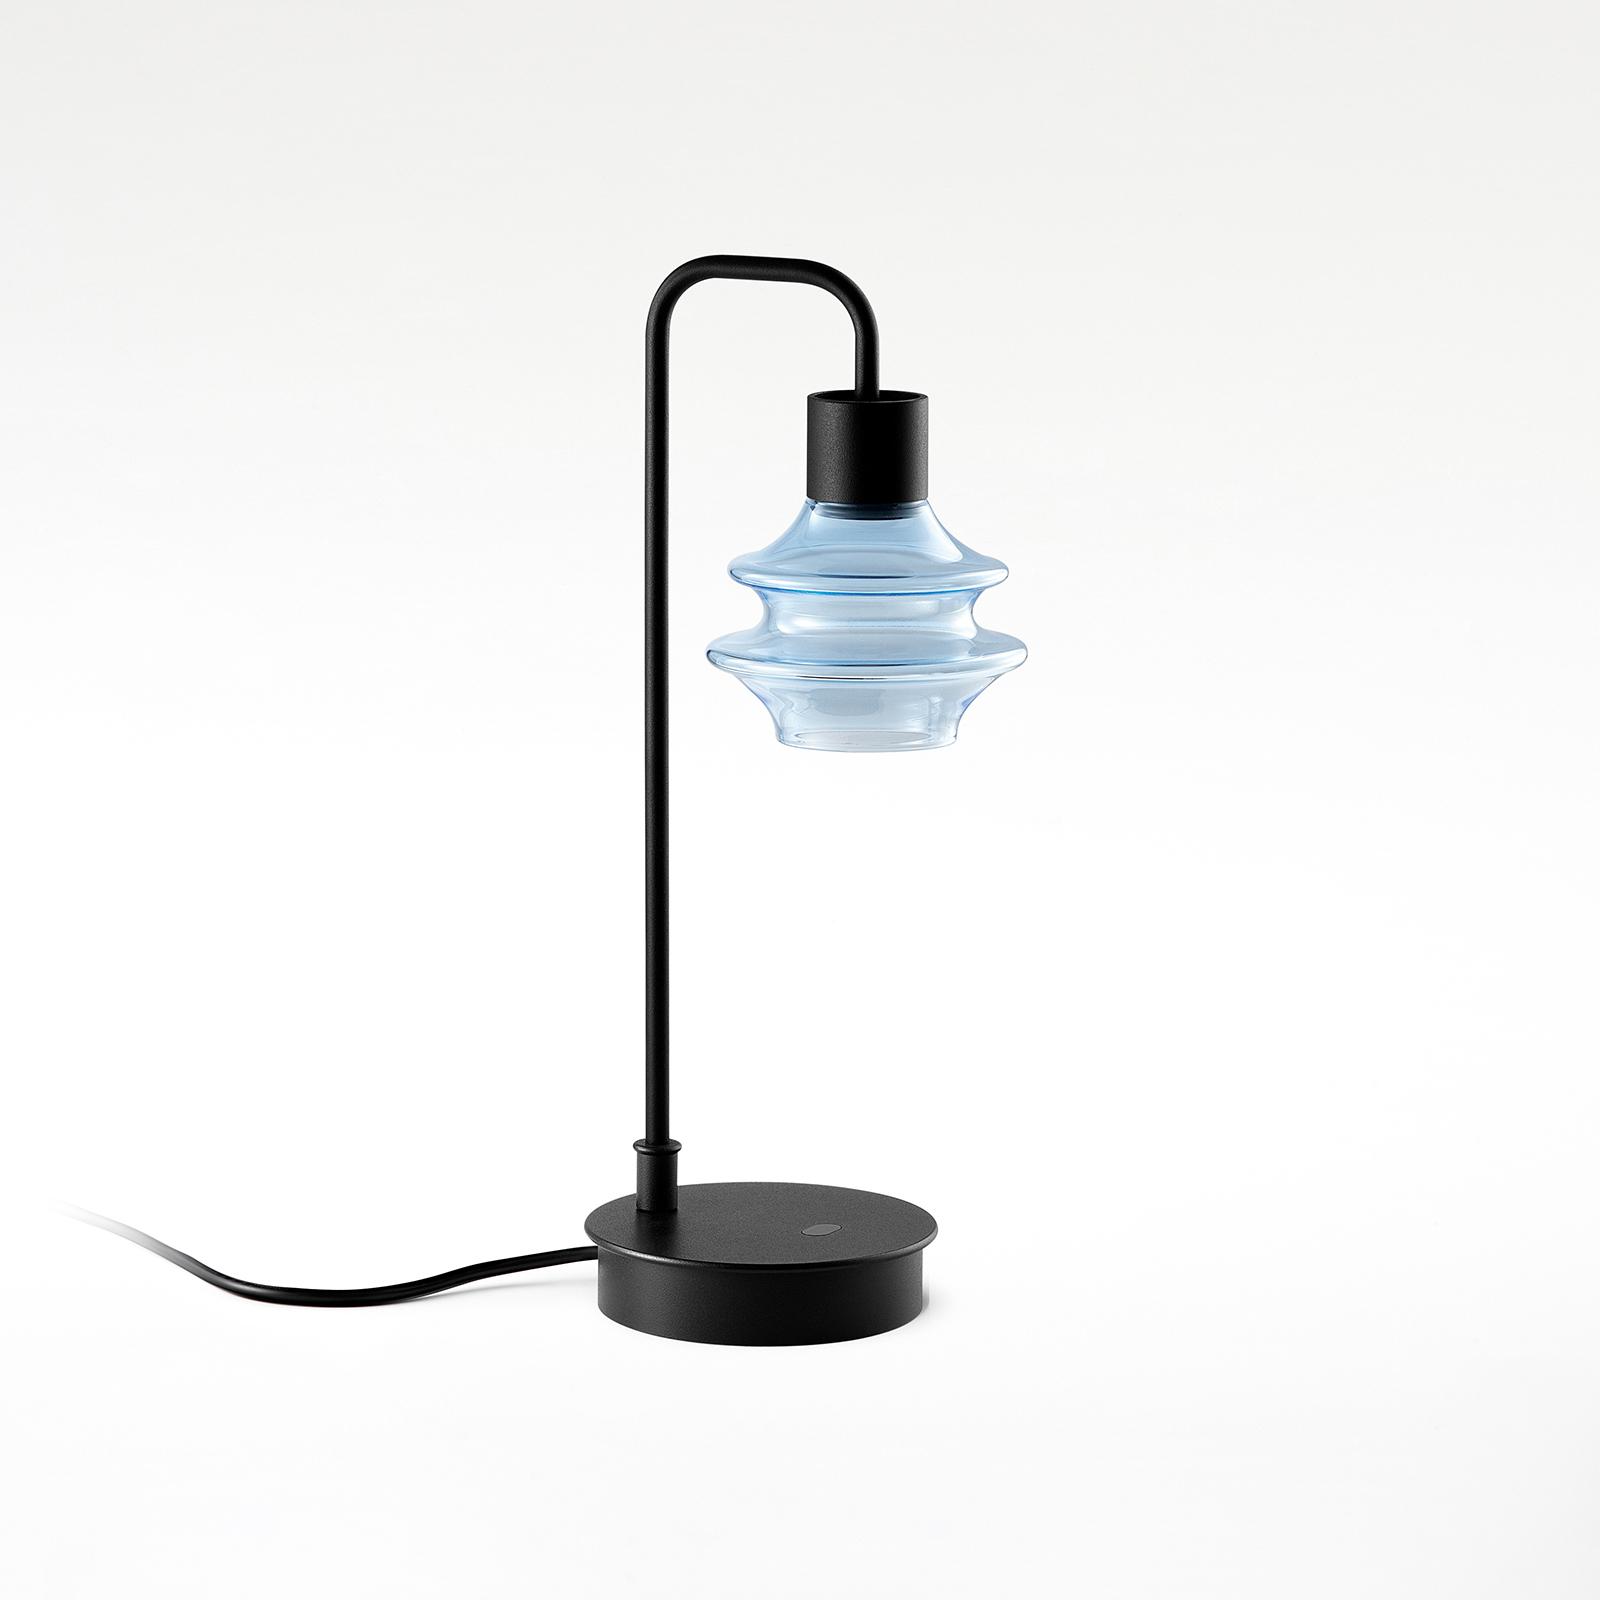 Bover Drop M/36 lampe à poser LED bleue